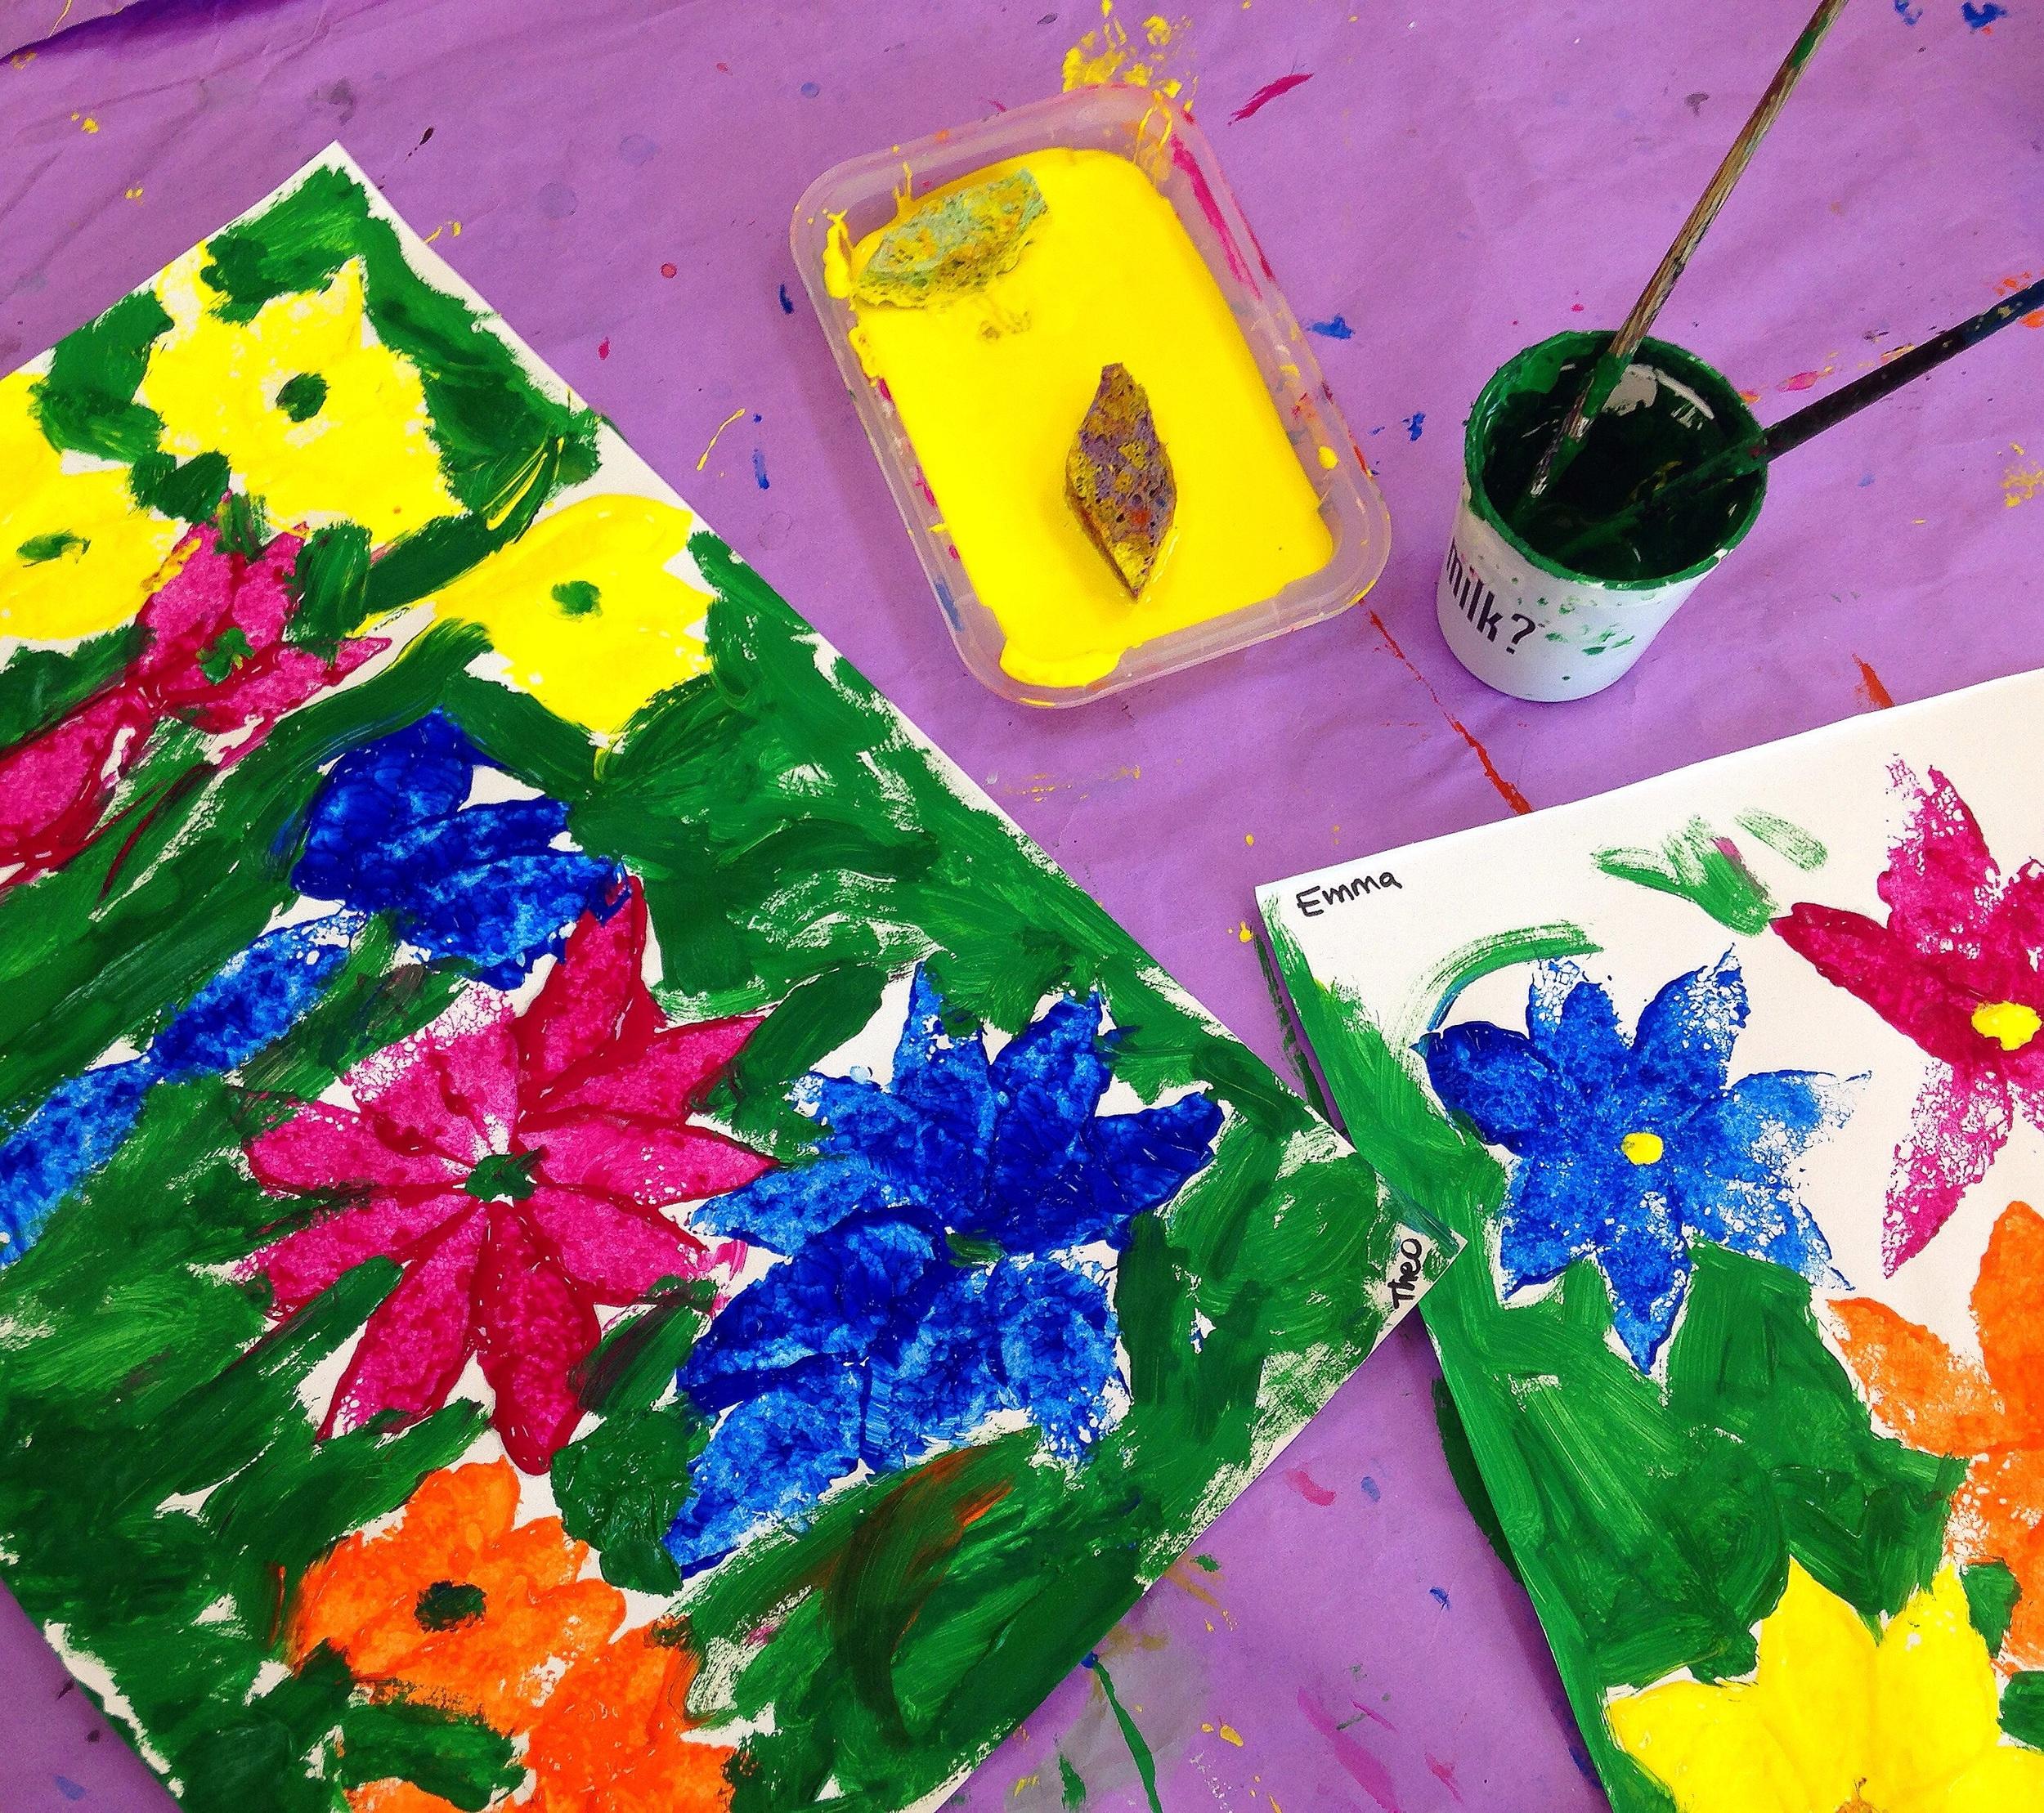 Painting a flower garden.